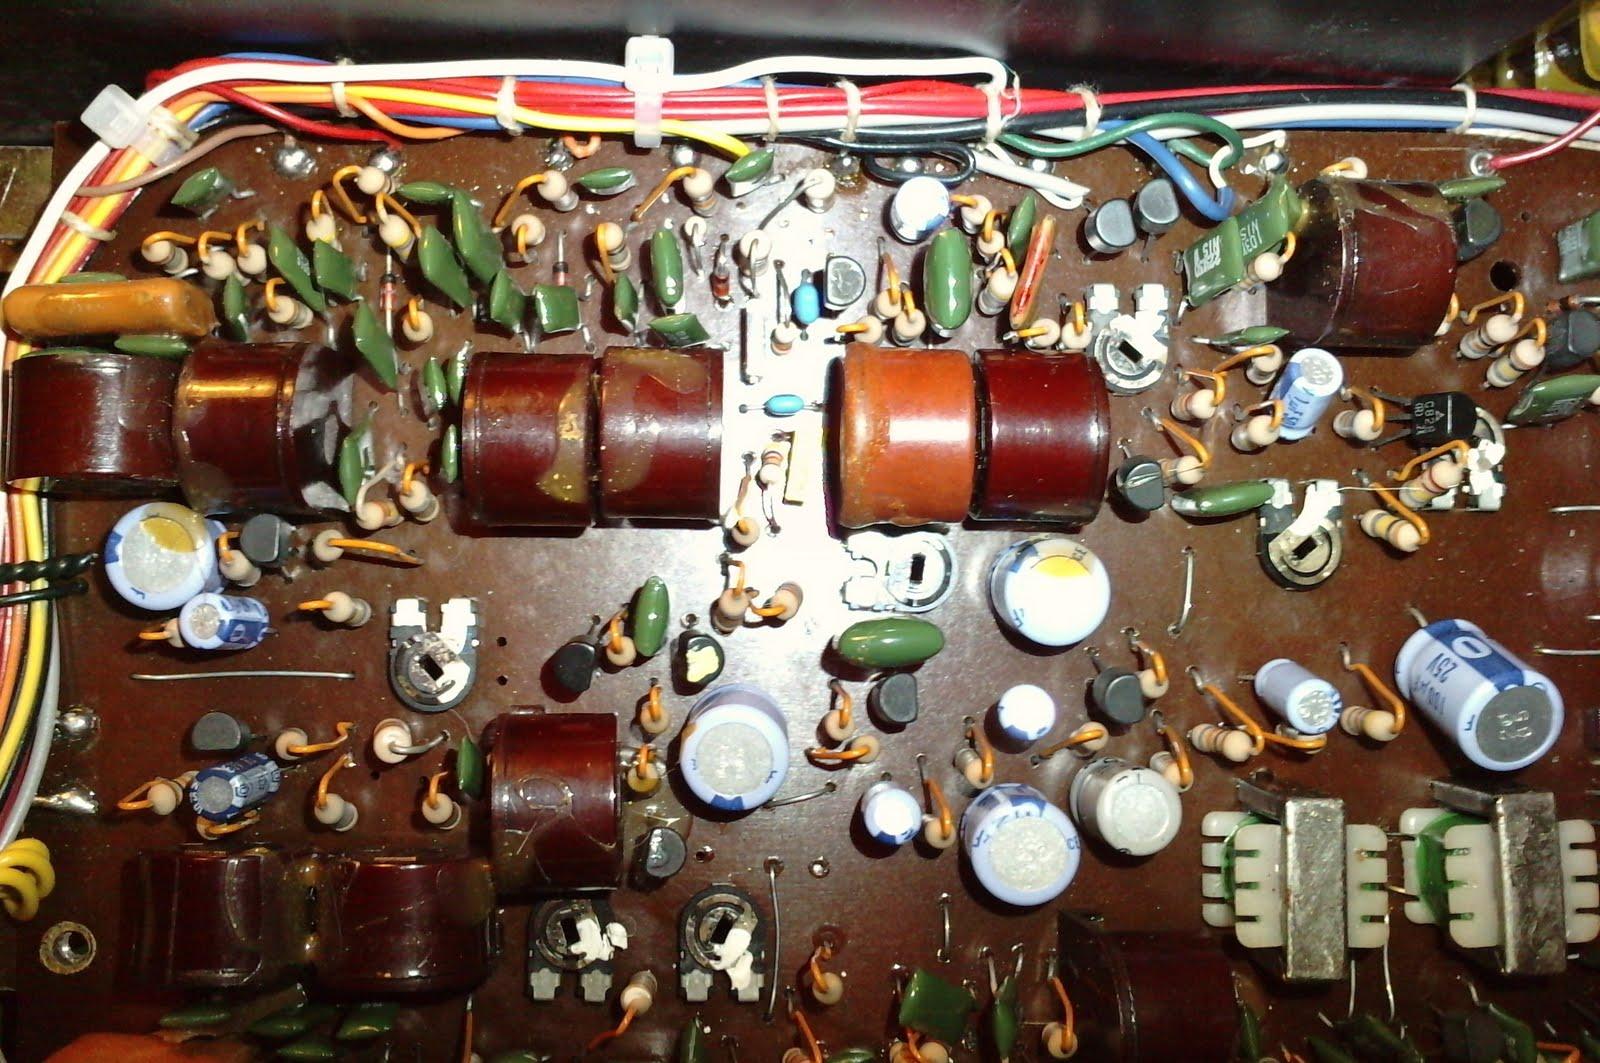 nikko909 maintenance et r u00e9paration des instruments de